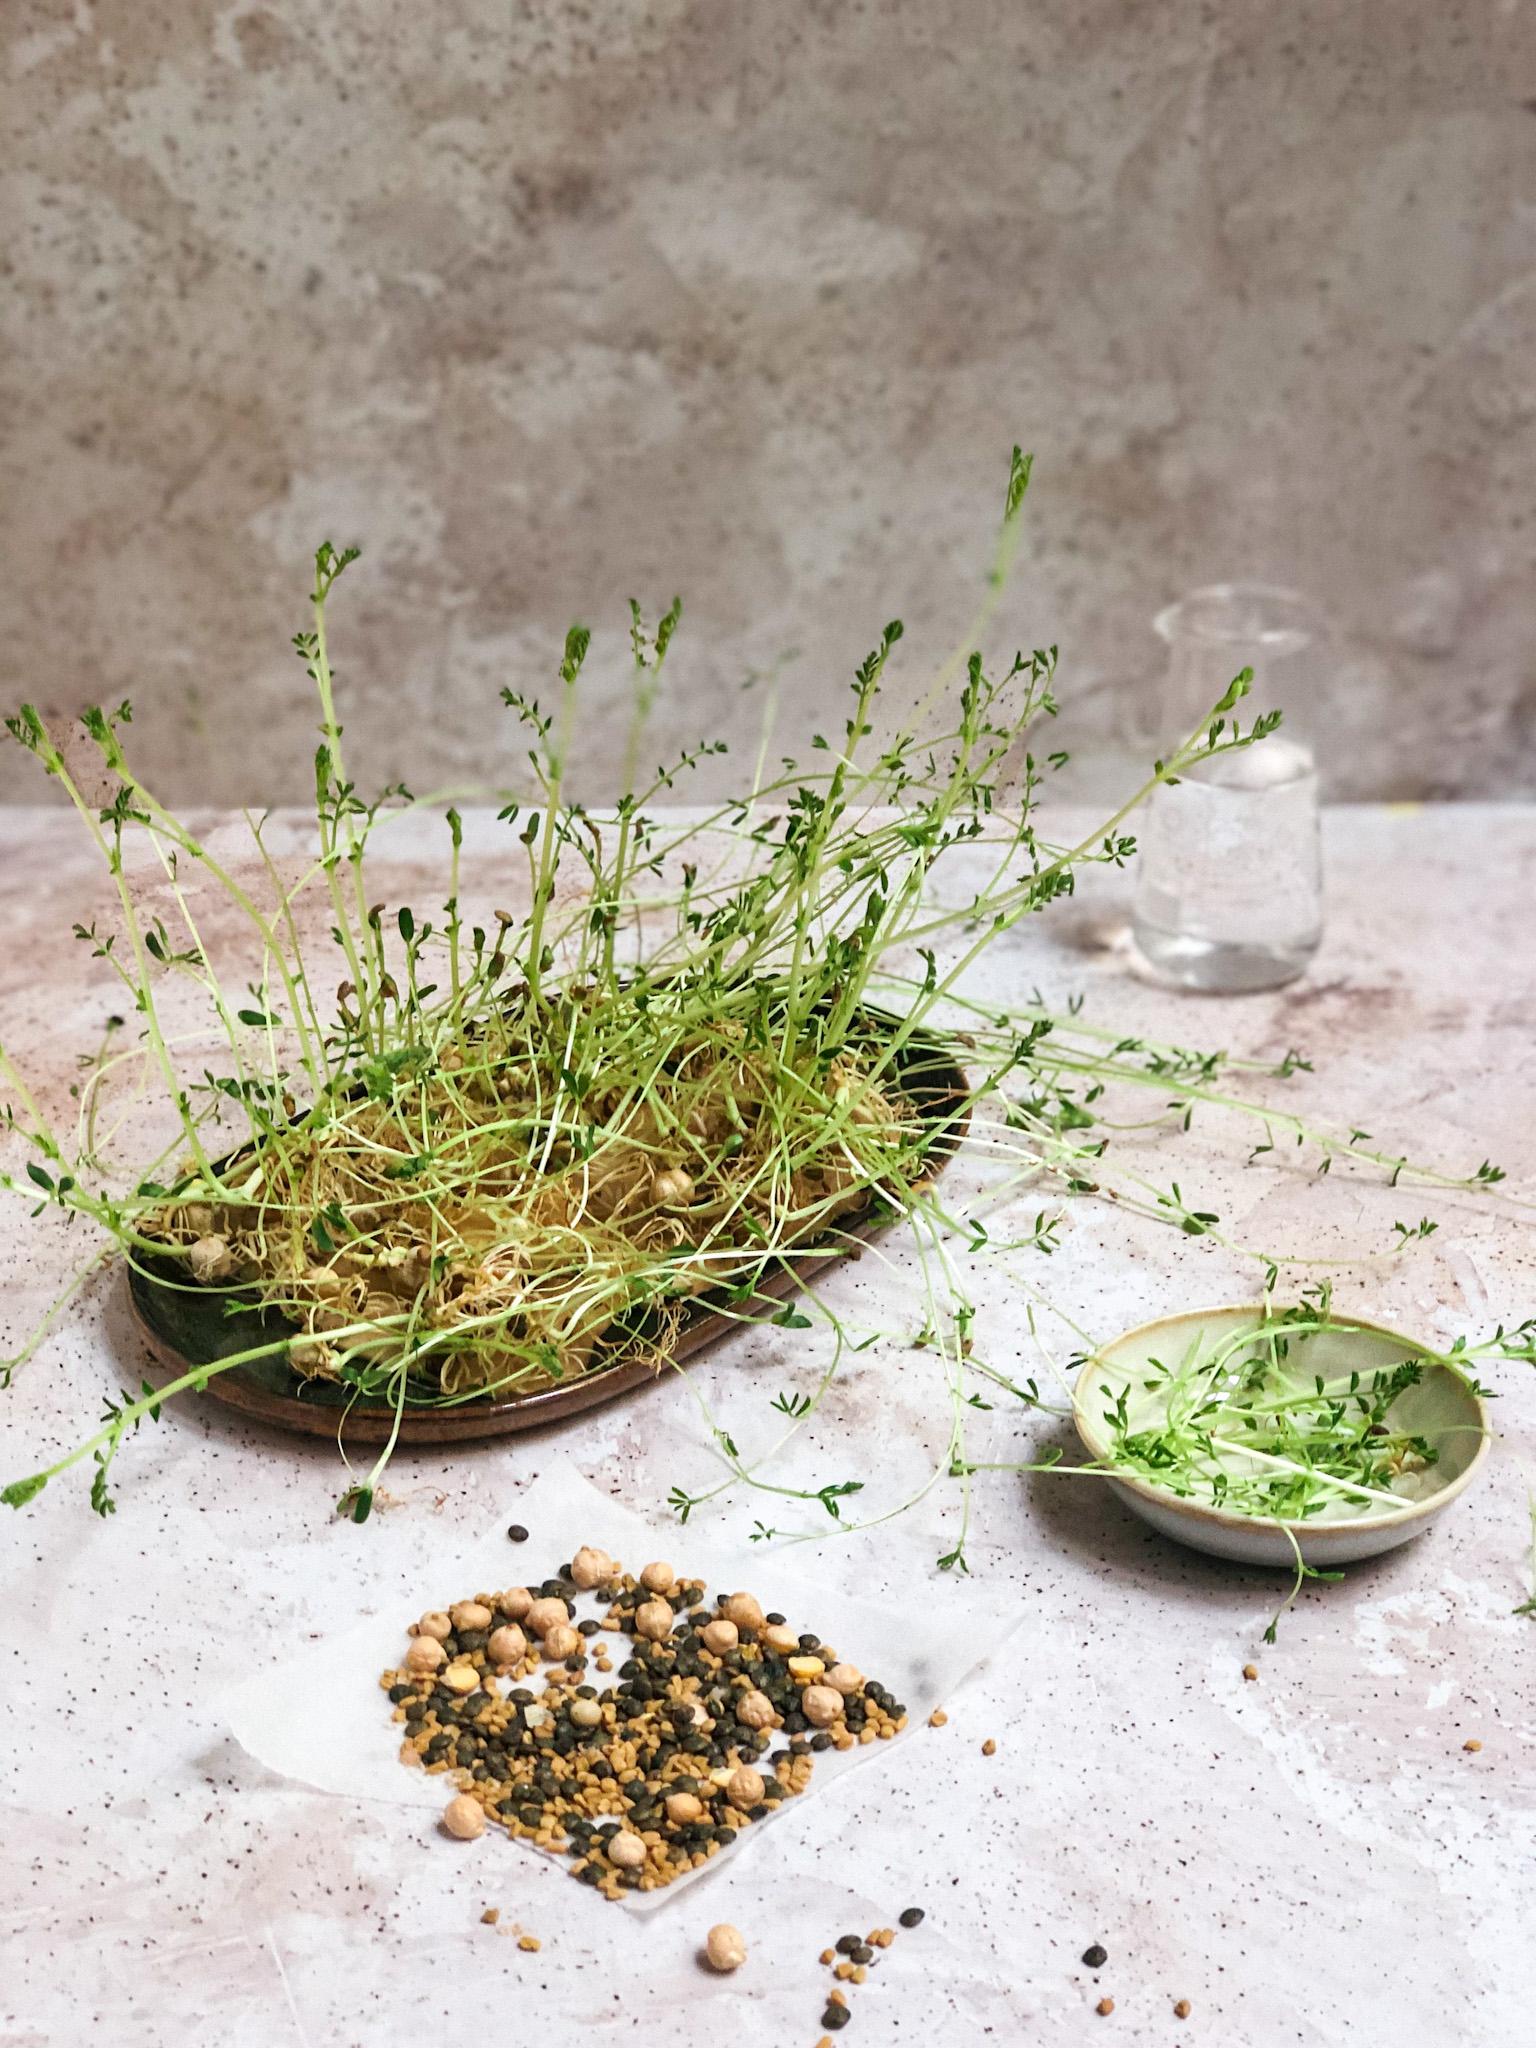 labelaure graines germées tutoie fait-maison dit alfalfa lentilles chia lin haricots mungo trempage germination